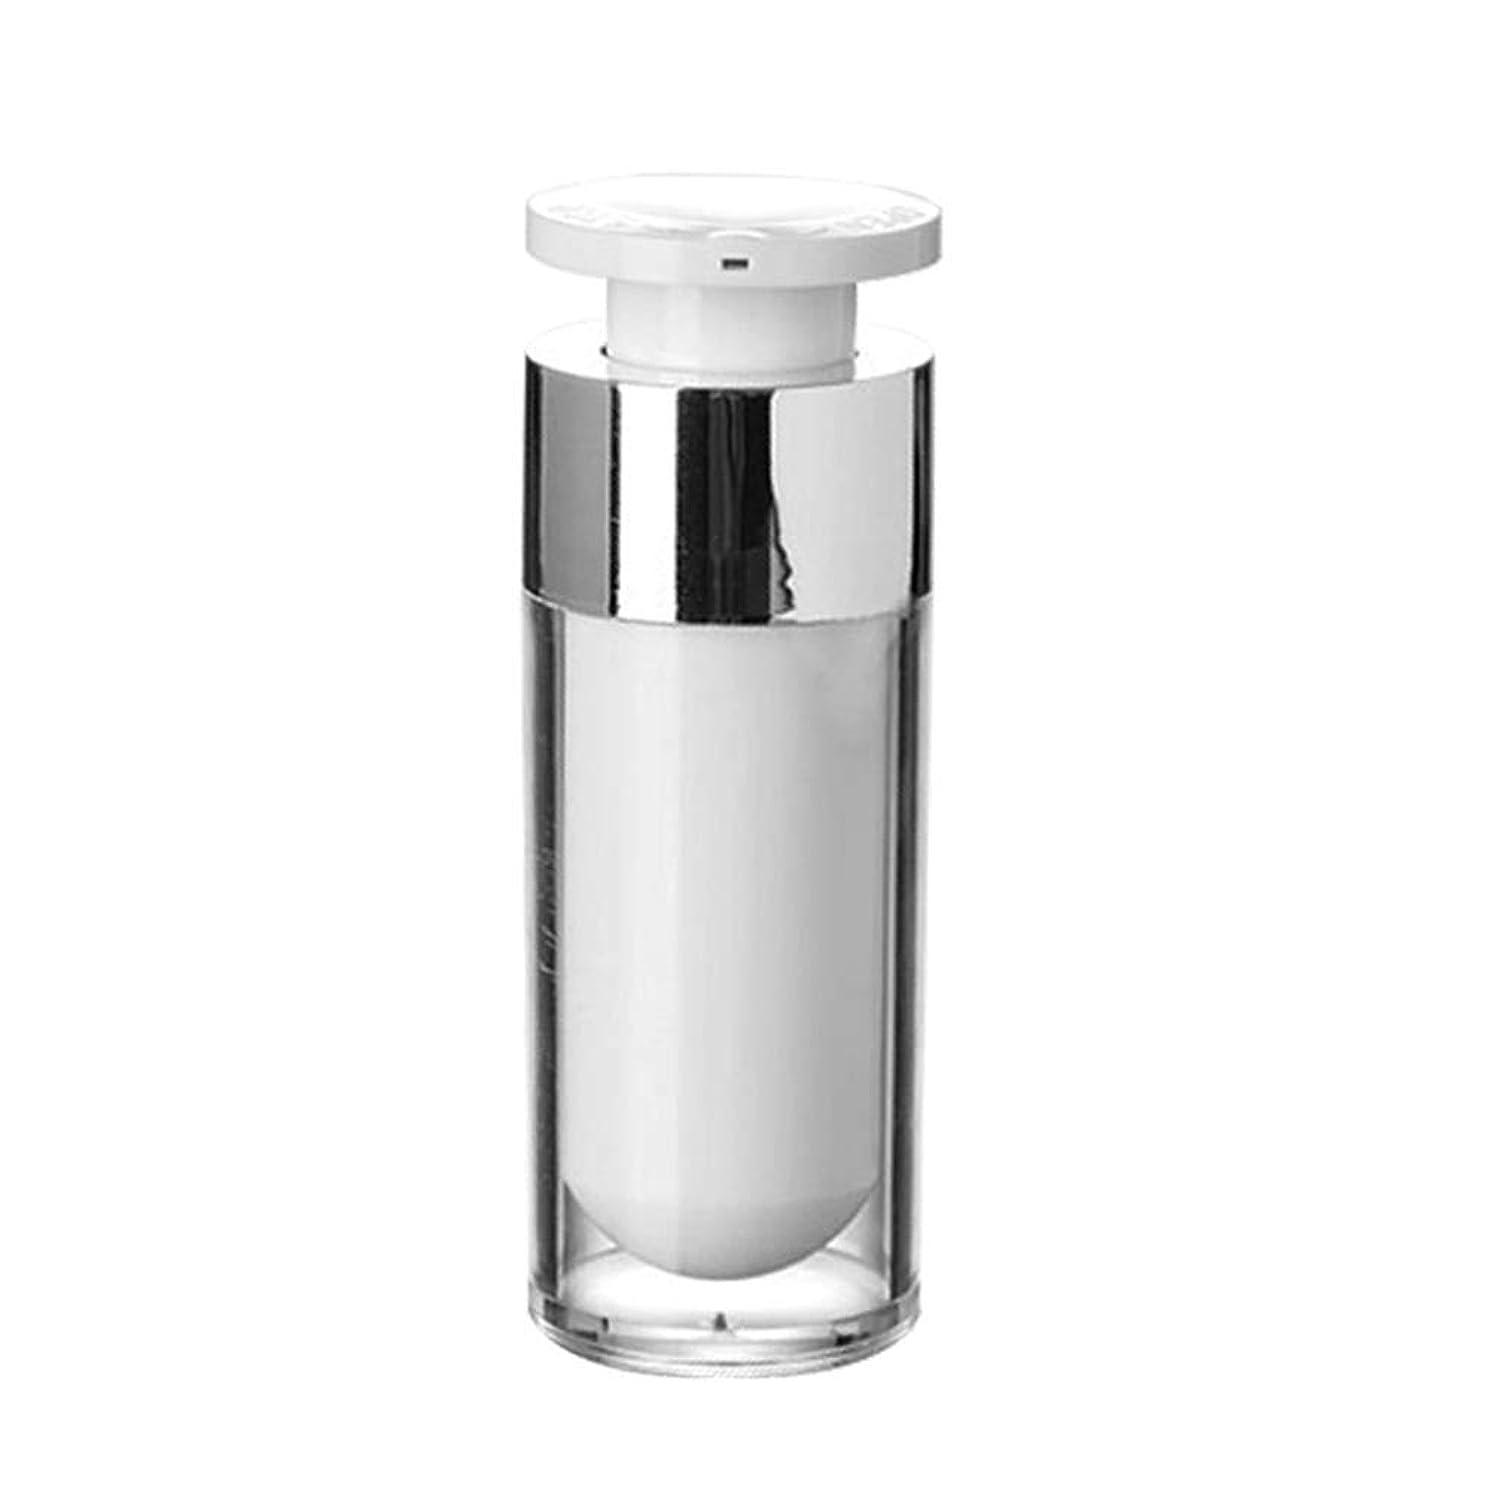 認可論争的シミュレートするOBEST 詰め替えボトル 真空ボトル ポンプタイプ エアレス プッシュボトル 乳液 小分け容器 プラスチック 携帯用 花粉対応 旅行用(30ML) (ポンプ式)